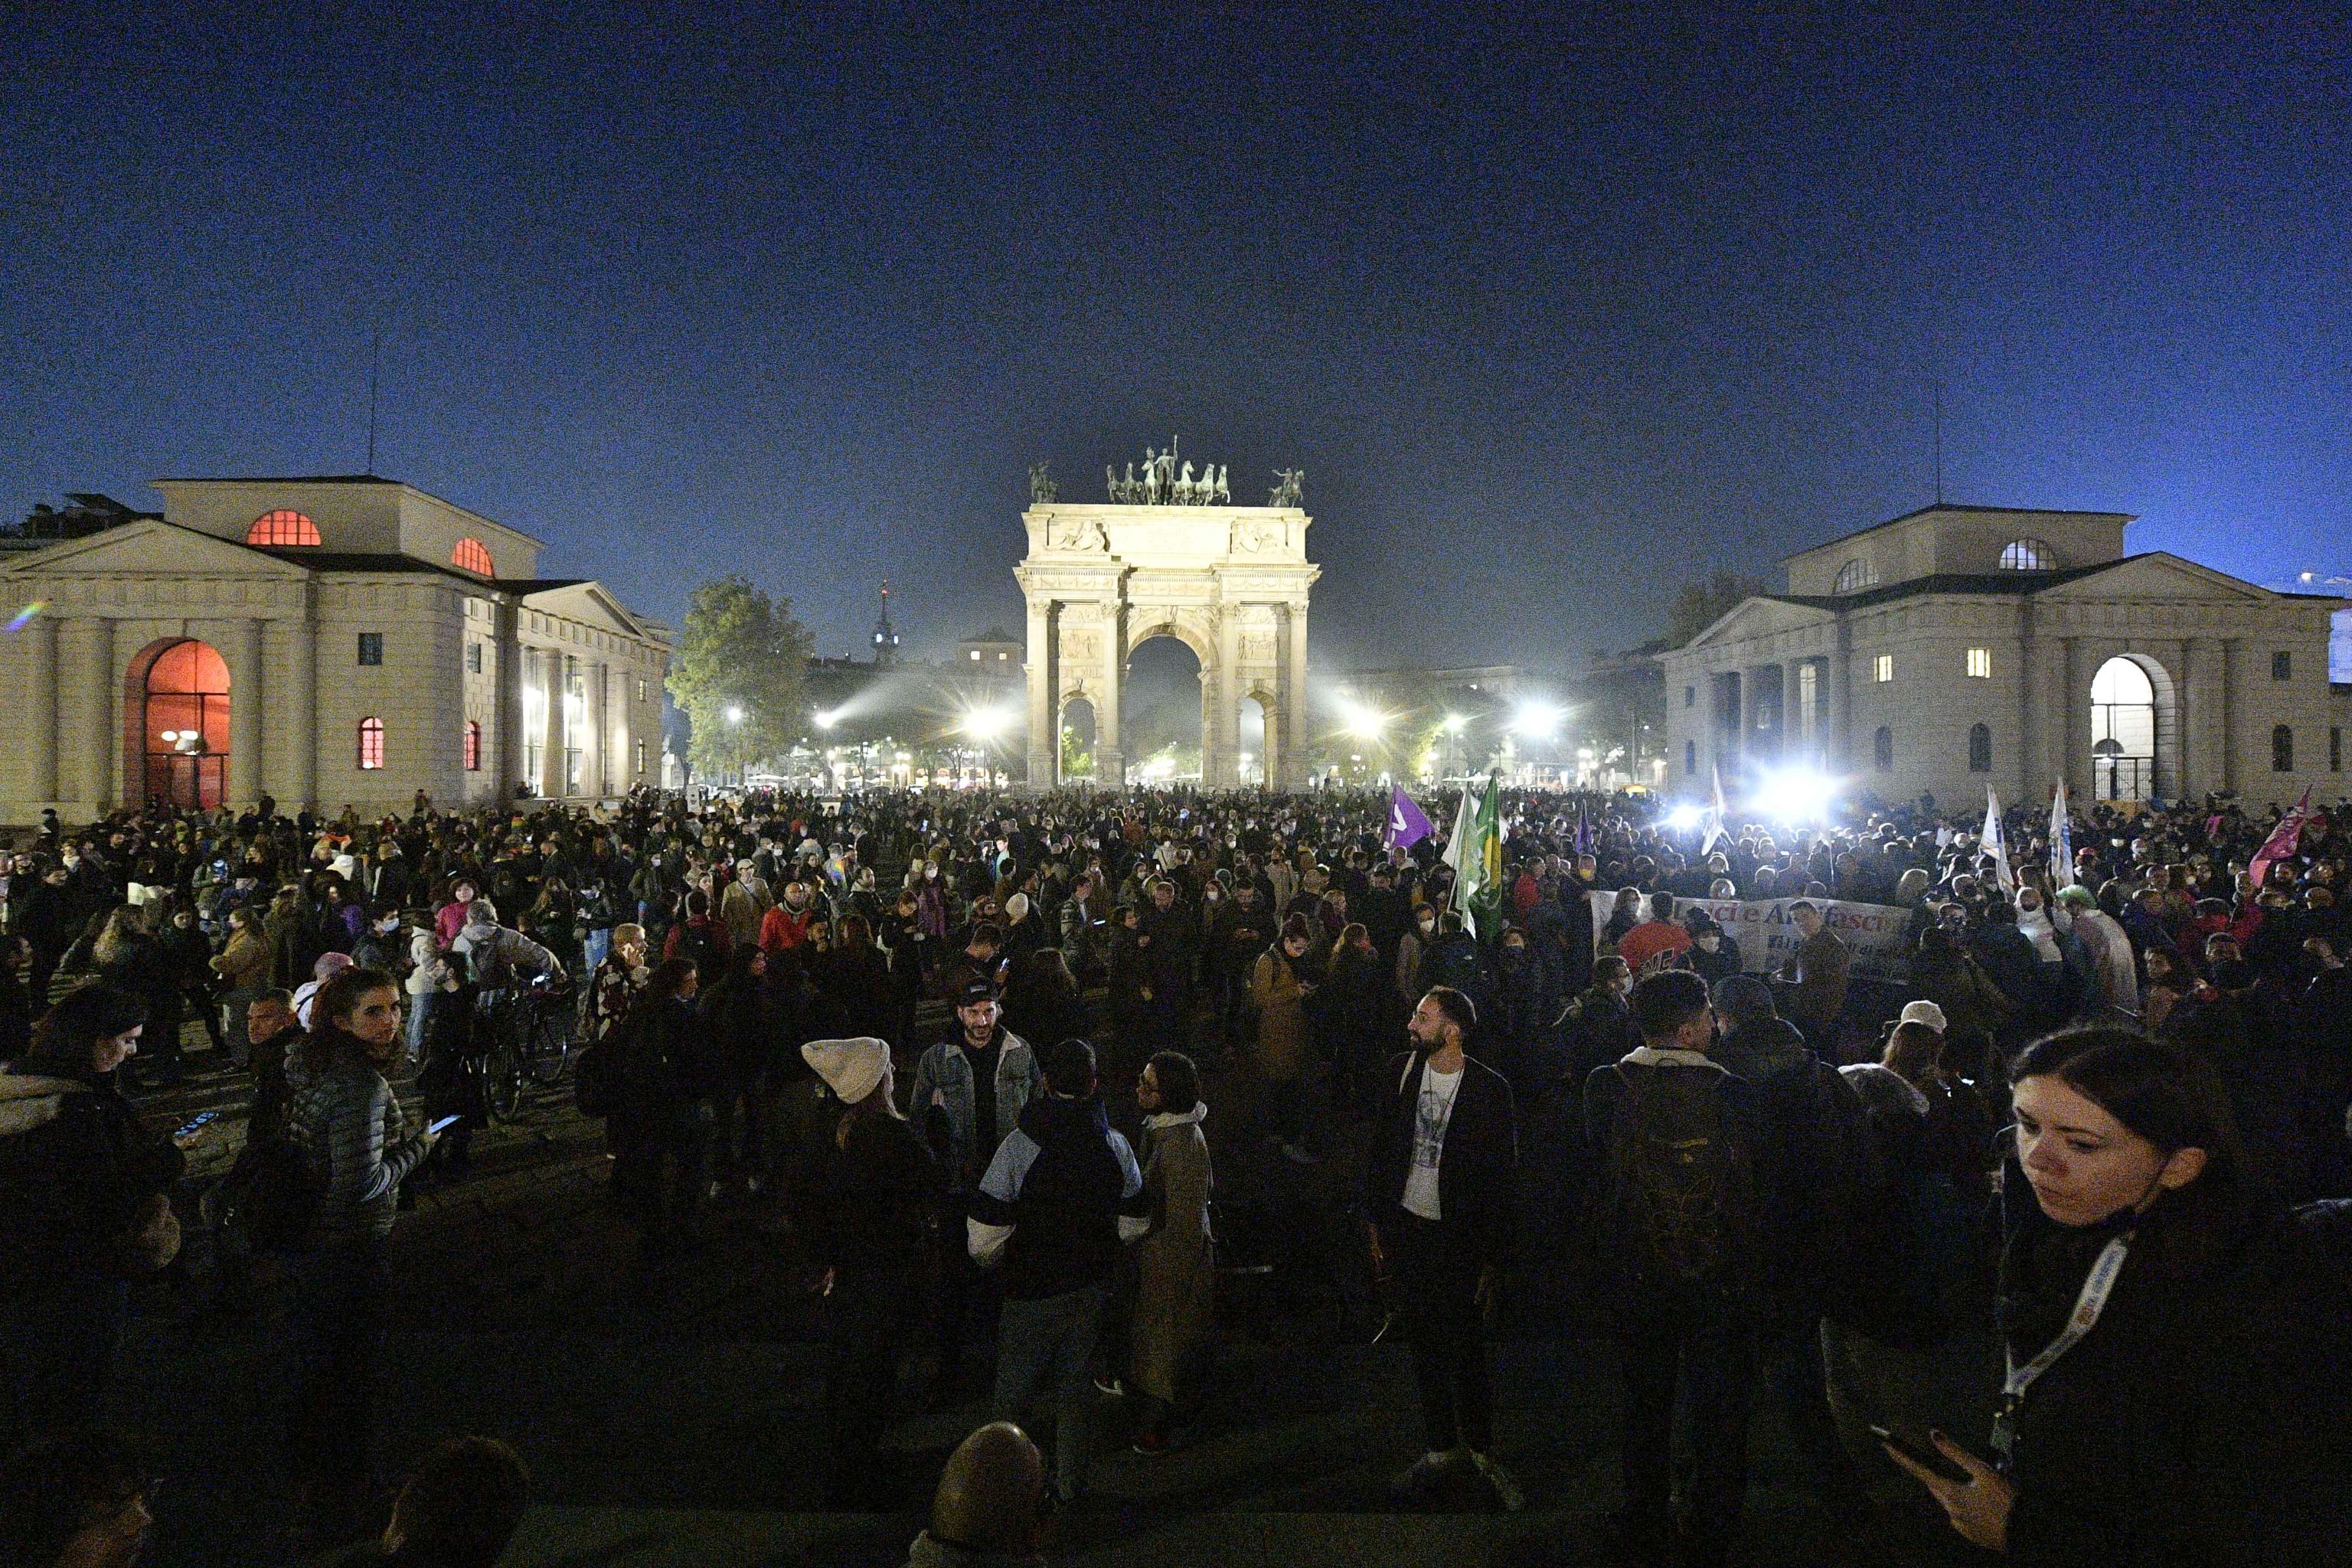 Milano, migliaia di smartphone illuminati per il Ddl Zan: «Un giorno ce la faremo» – Il video